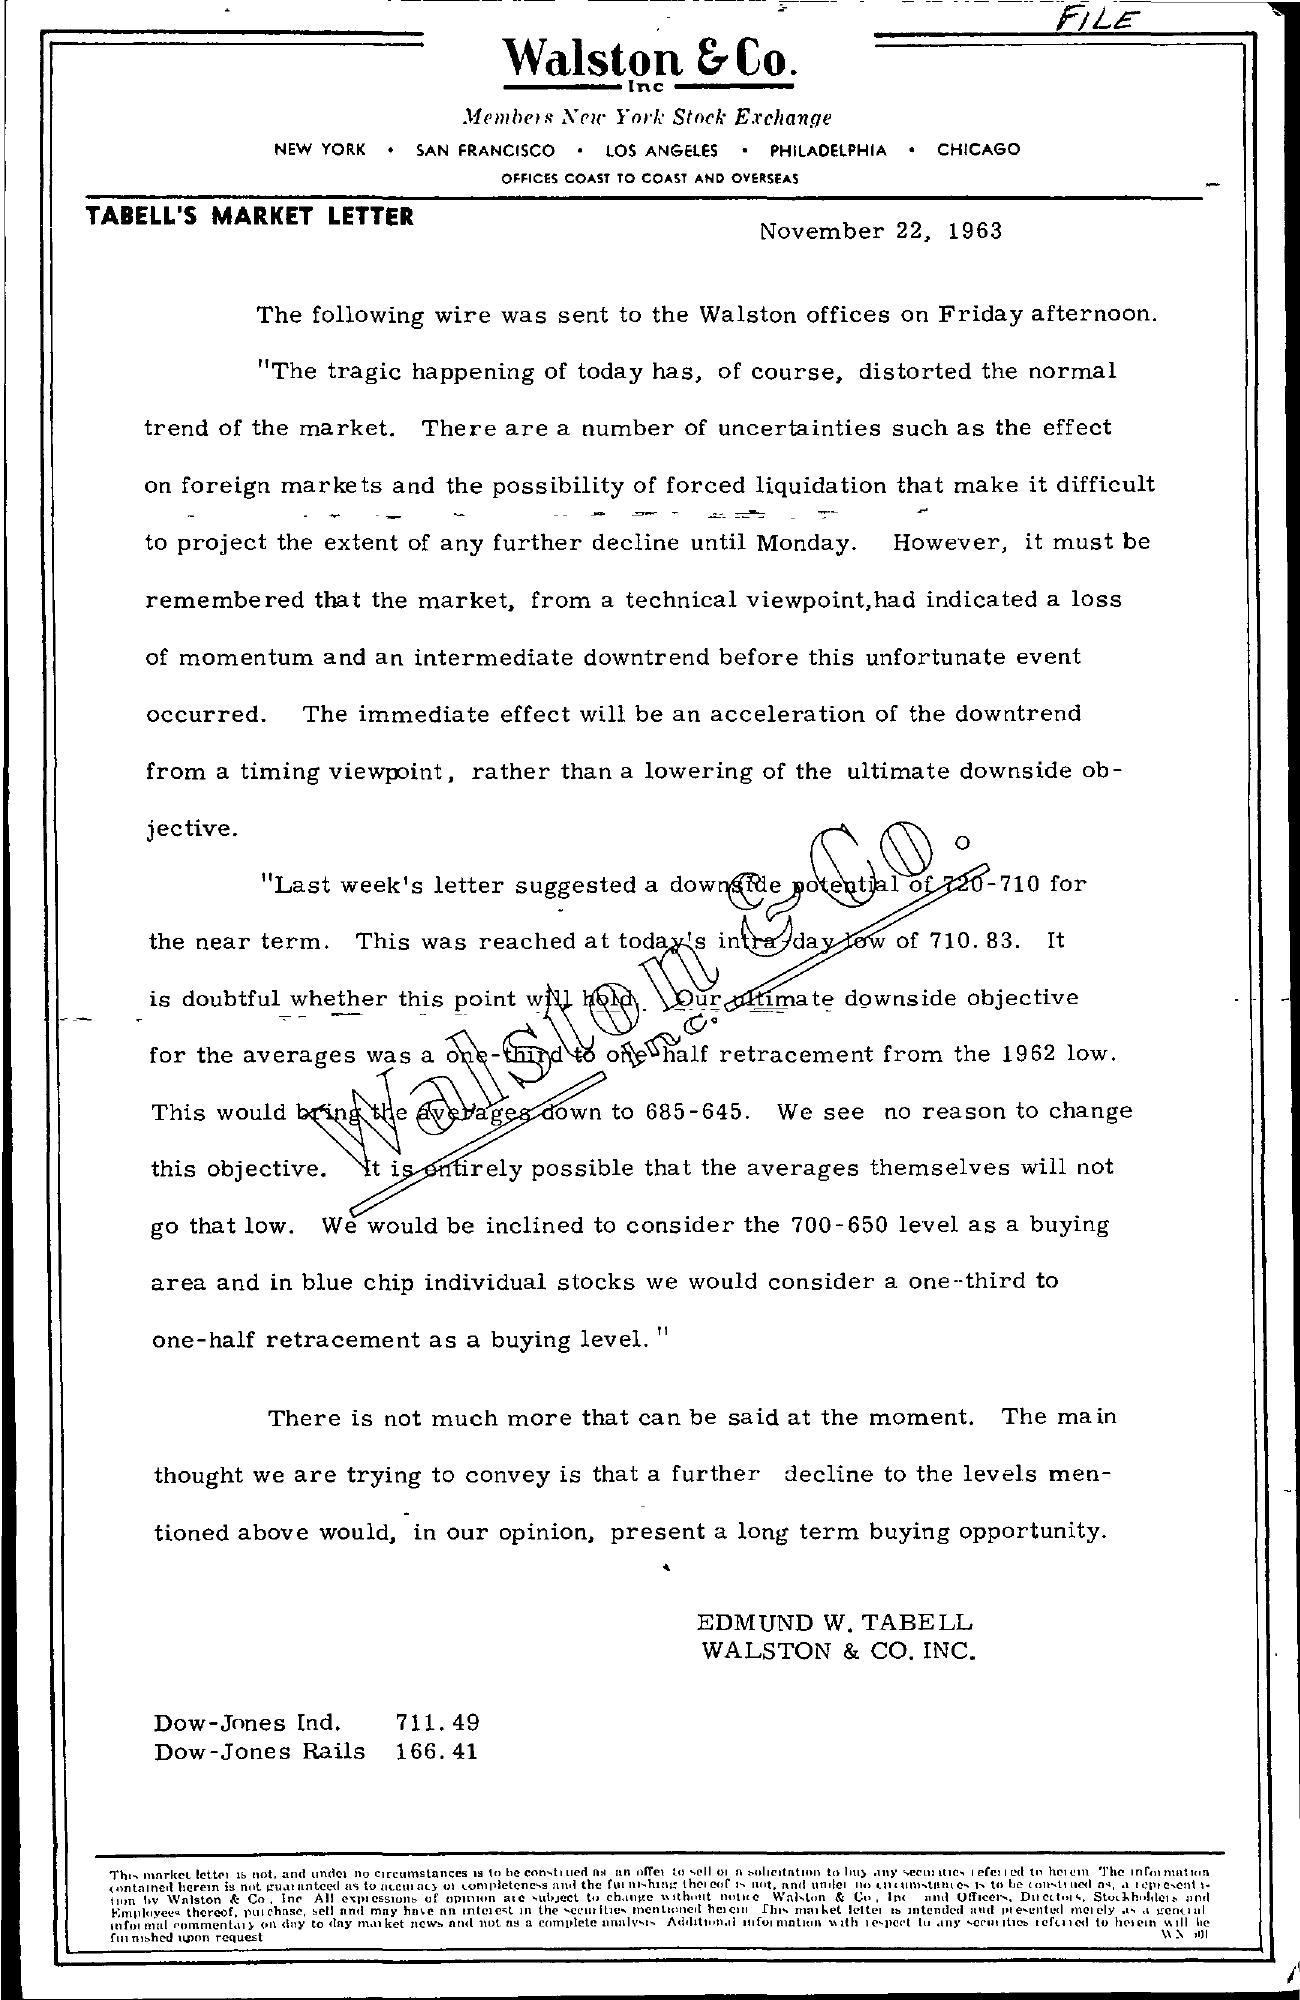 Tabell's Market Letter - November 22, 1963